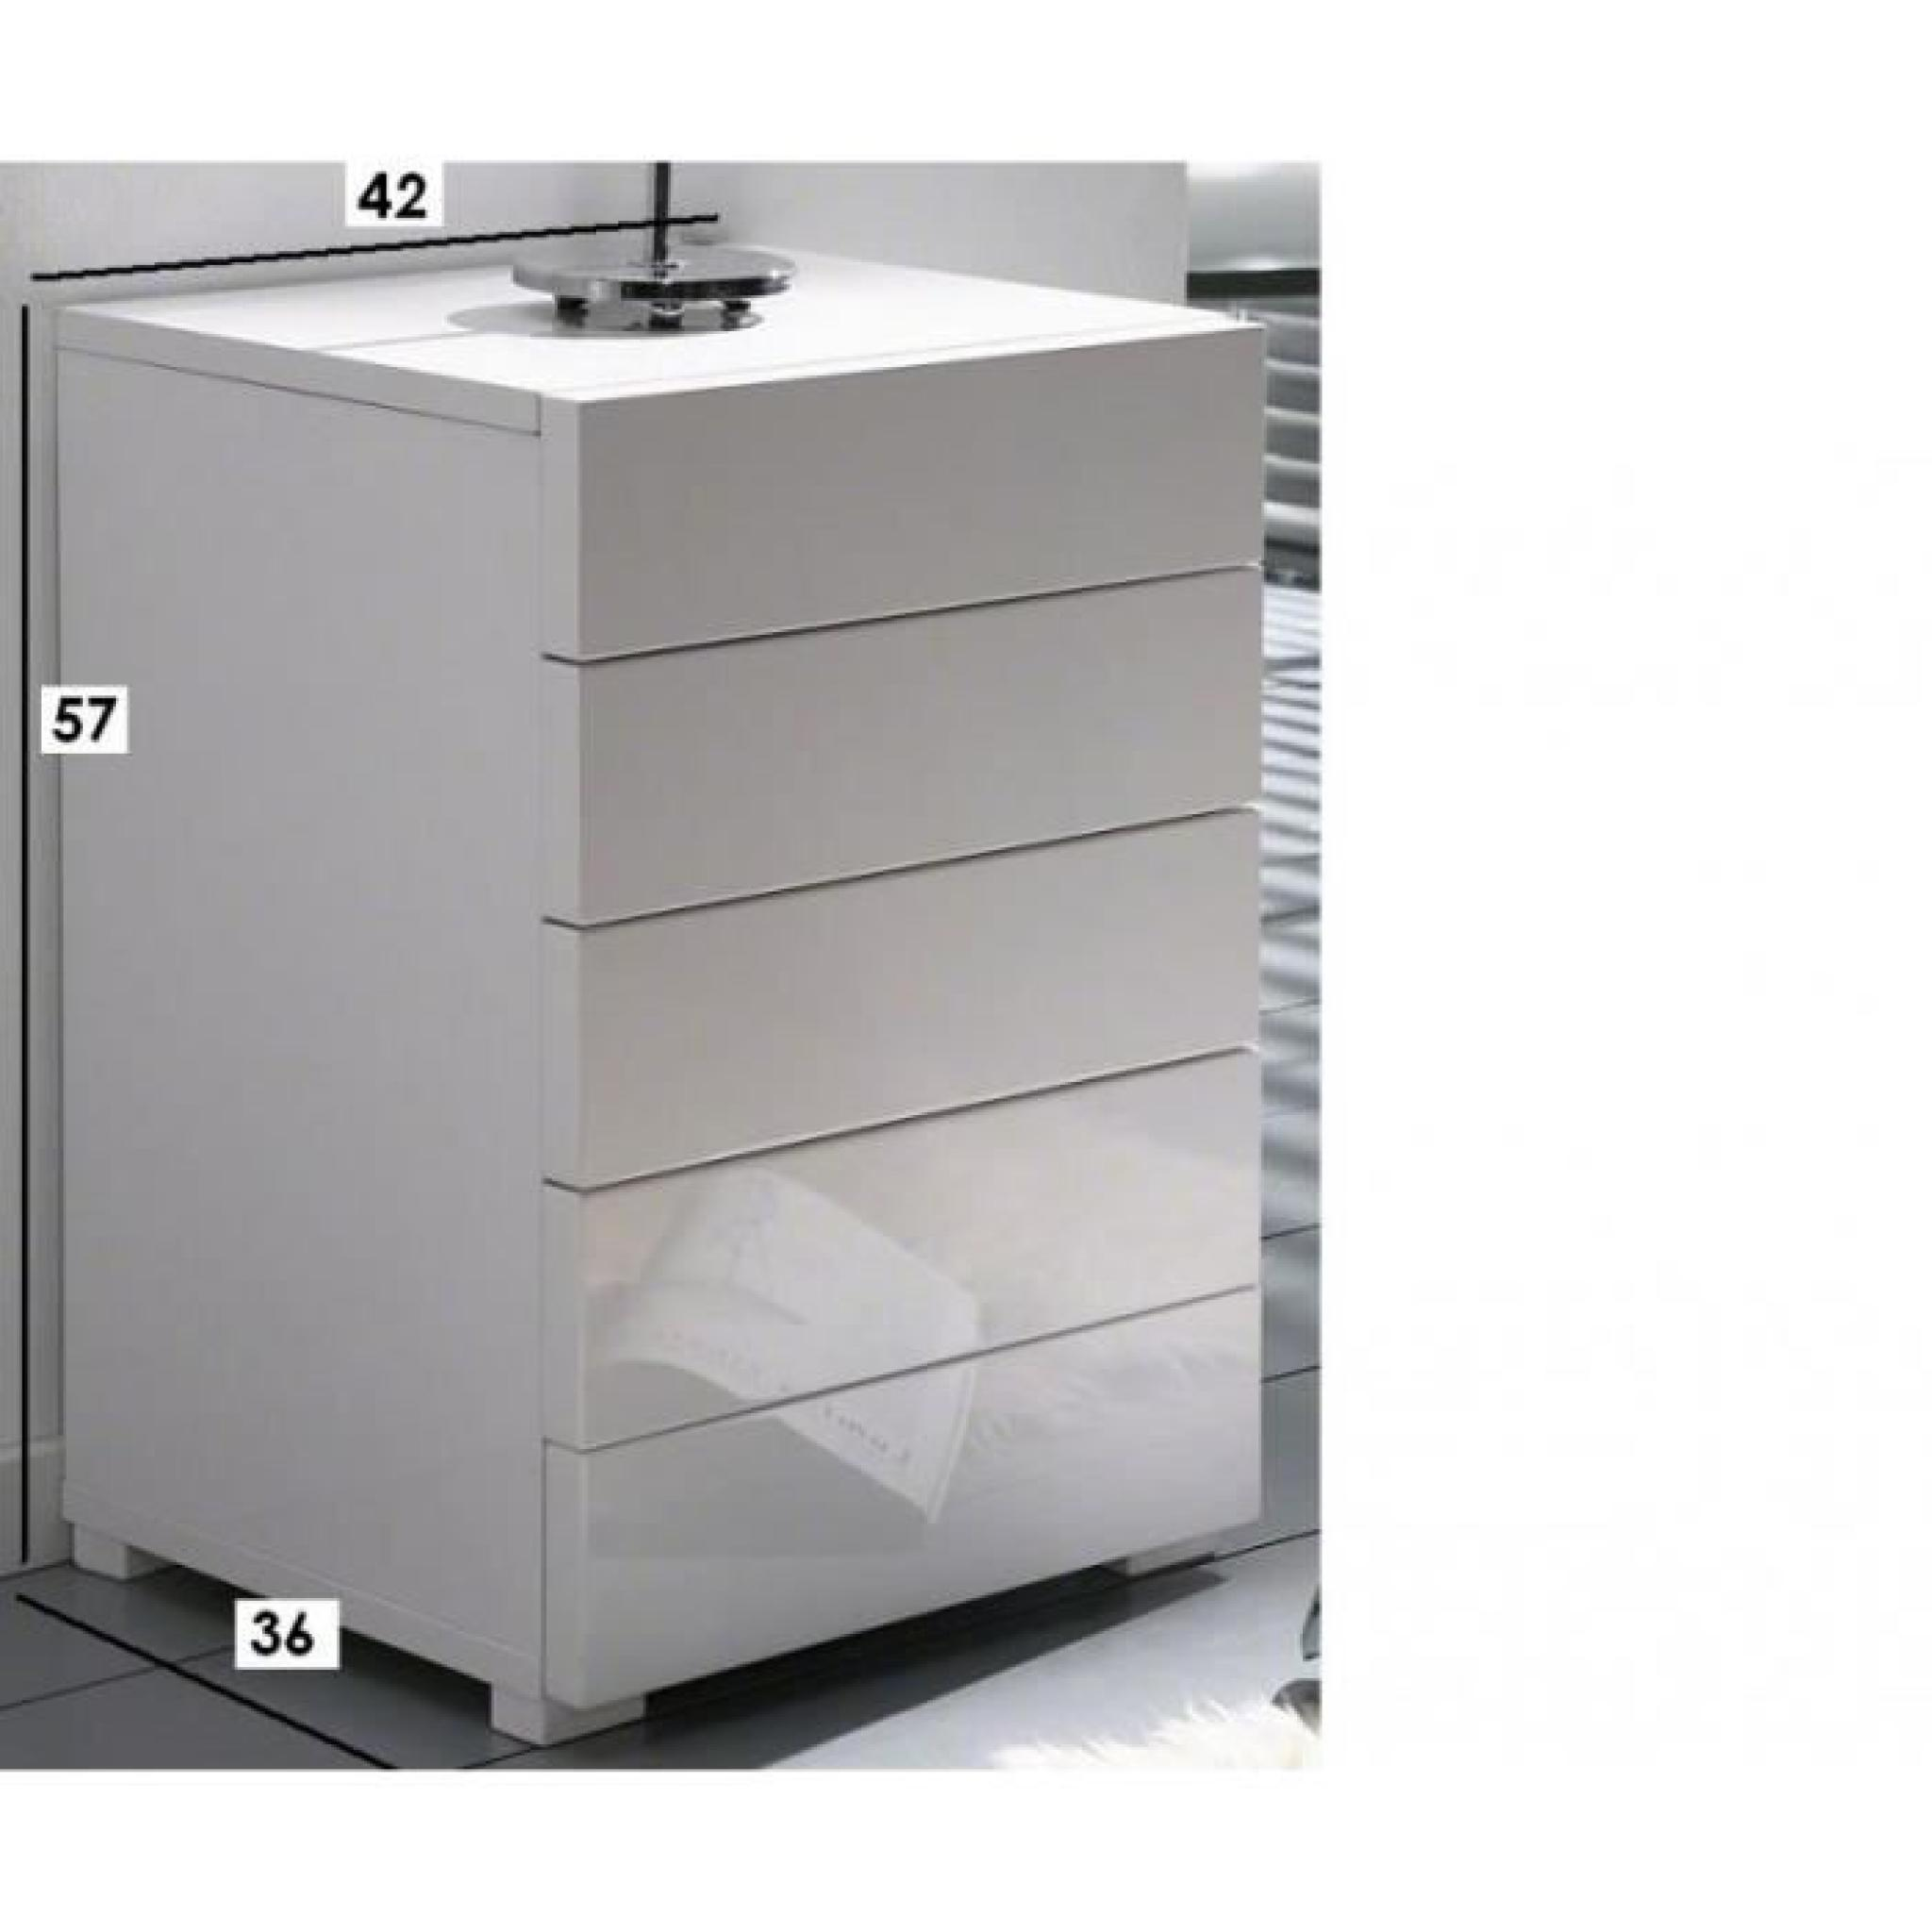 white chevet 5 tiroirs laqu blanc design achat vente table de chevet pas cher couleur et. Black Bedroom Furniture Sets. Home Design Ideas